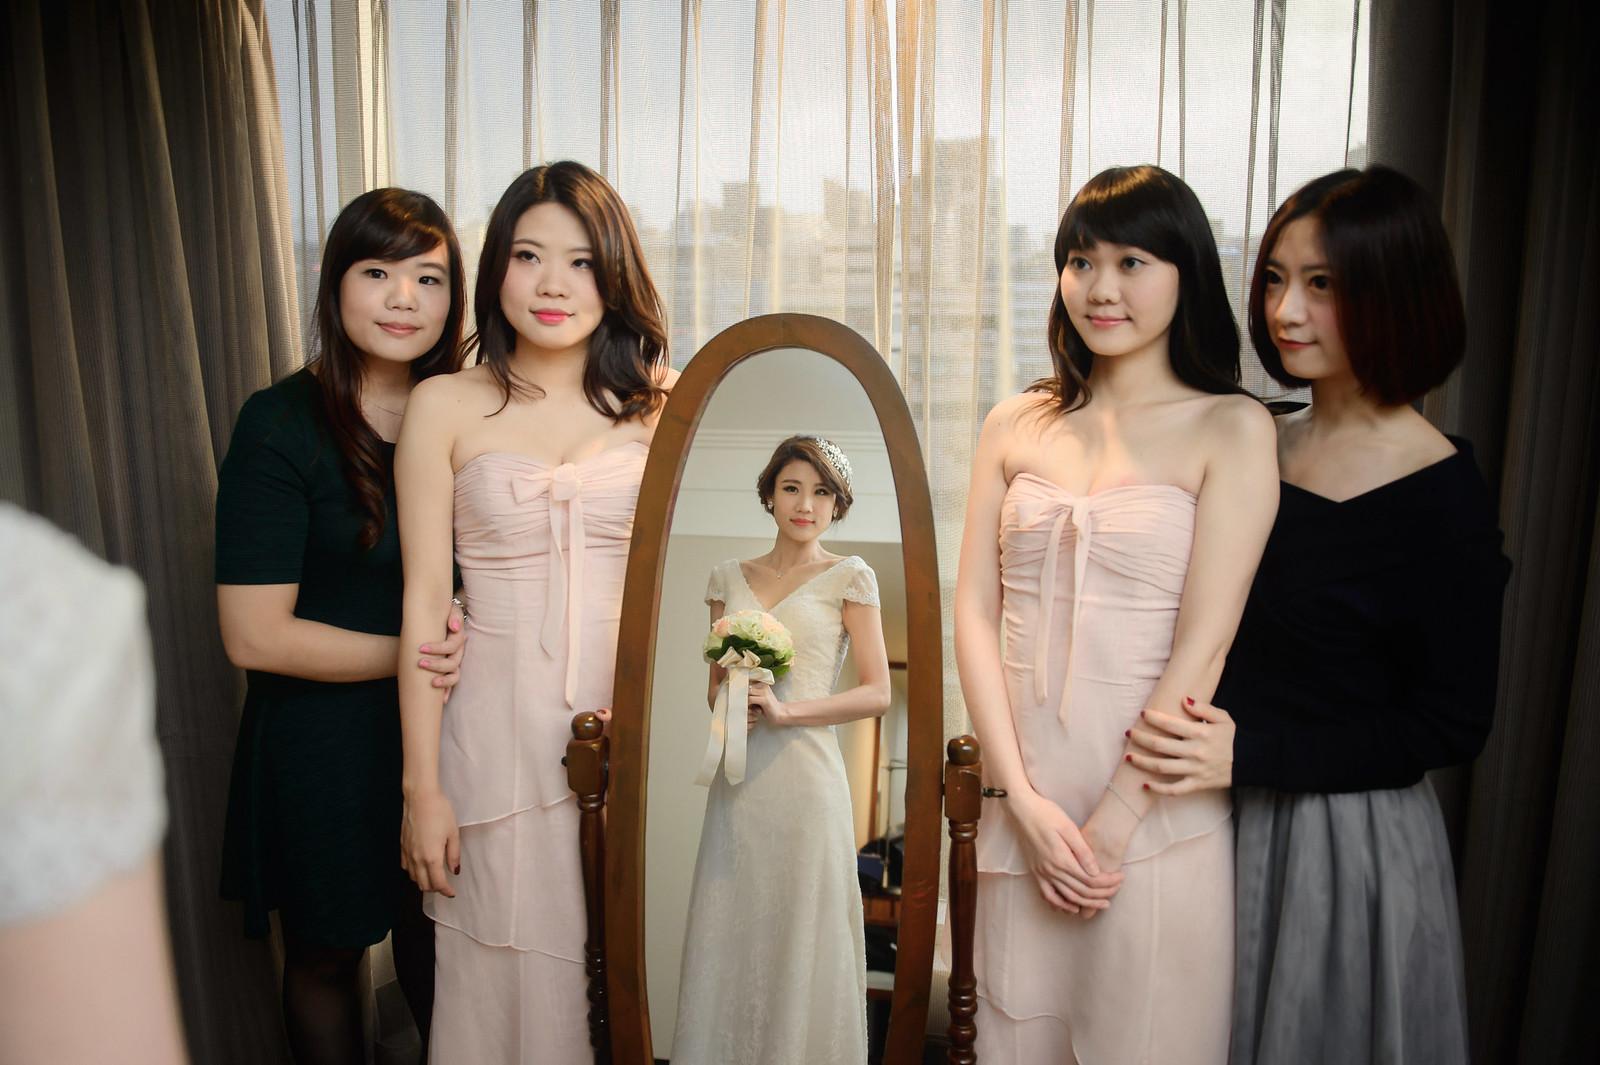 台北婚攝, 婚禮攝影, 婚攝, 婚攝守恆, 婚攝推薦, 晶華酒店, 晶華酒店婚宴, 晶華酒店婚攝-19